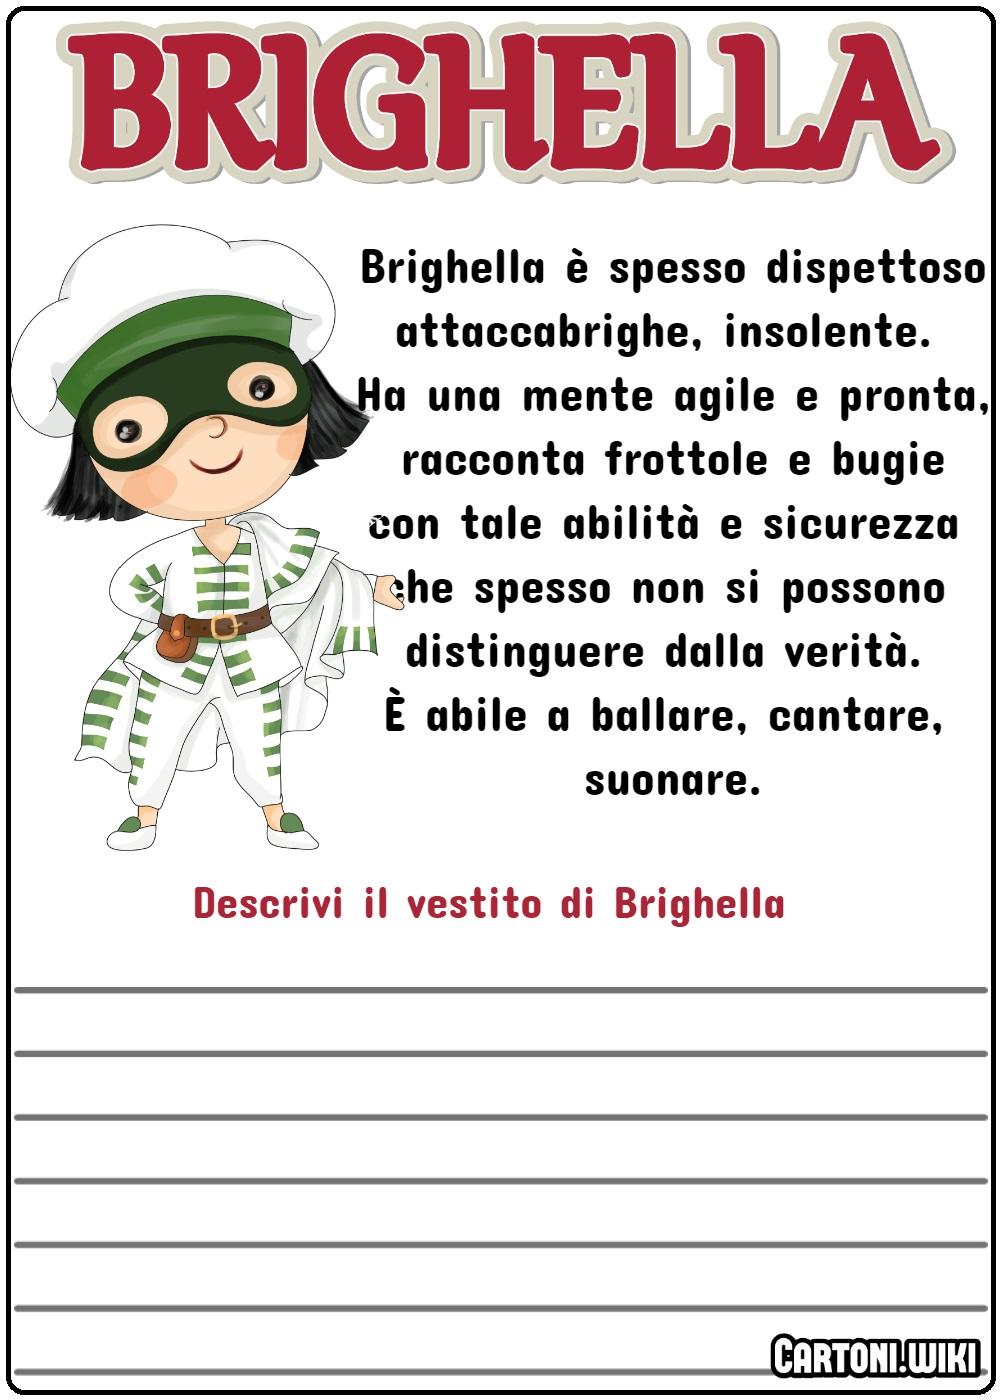 Descrivi il vestito di Brighella - Cartoni animati